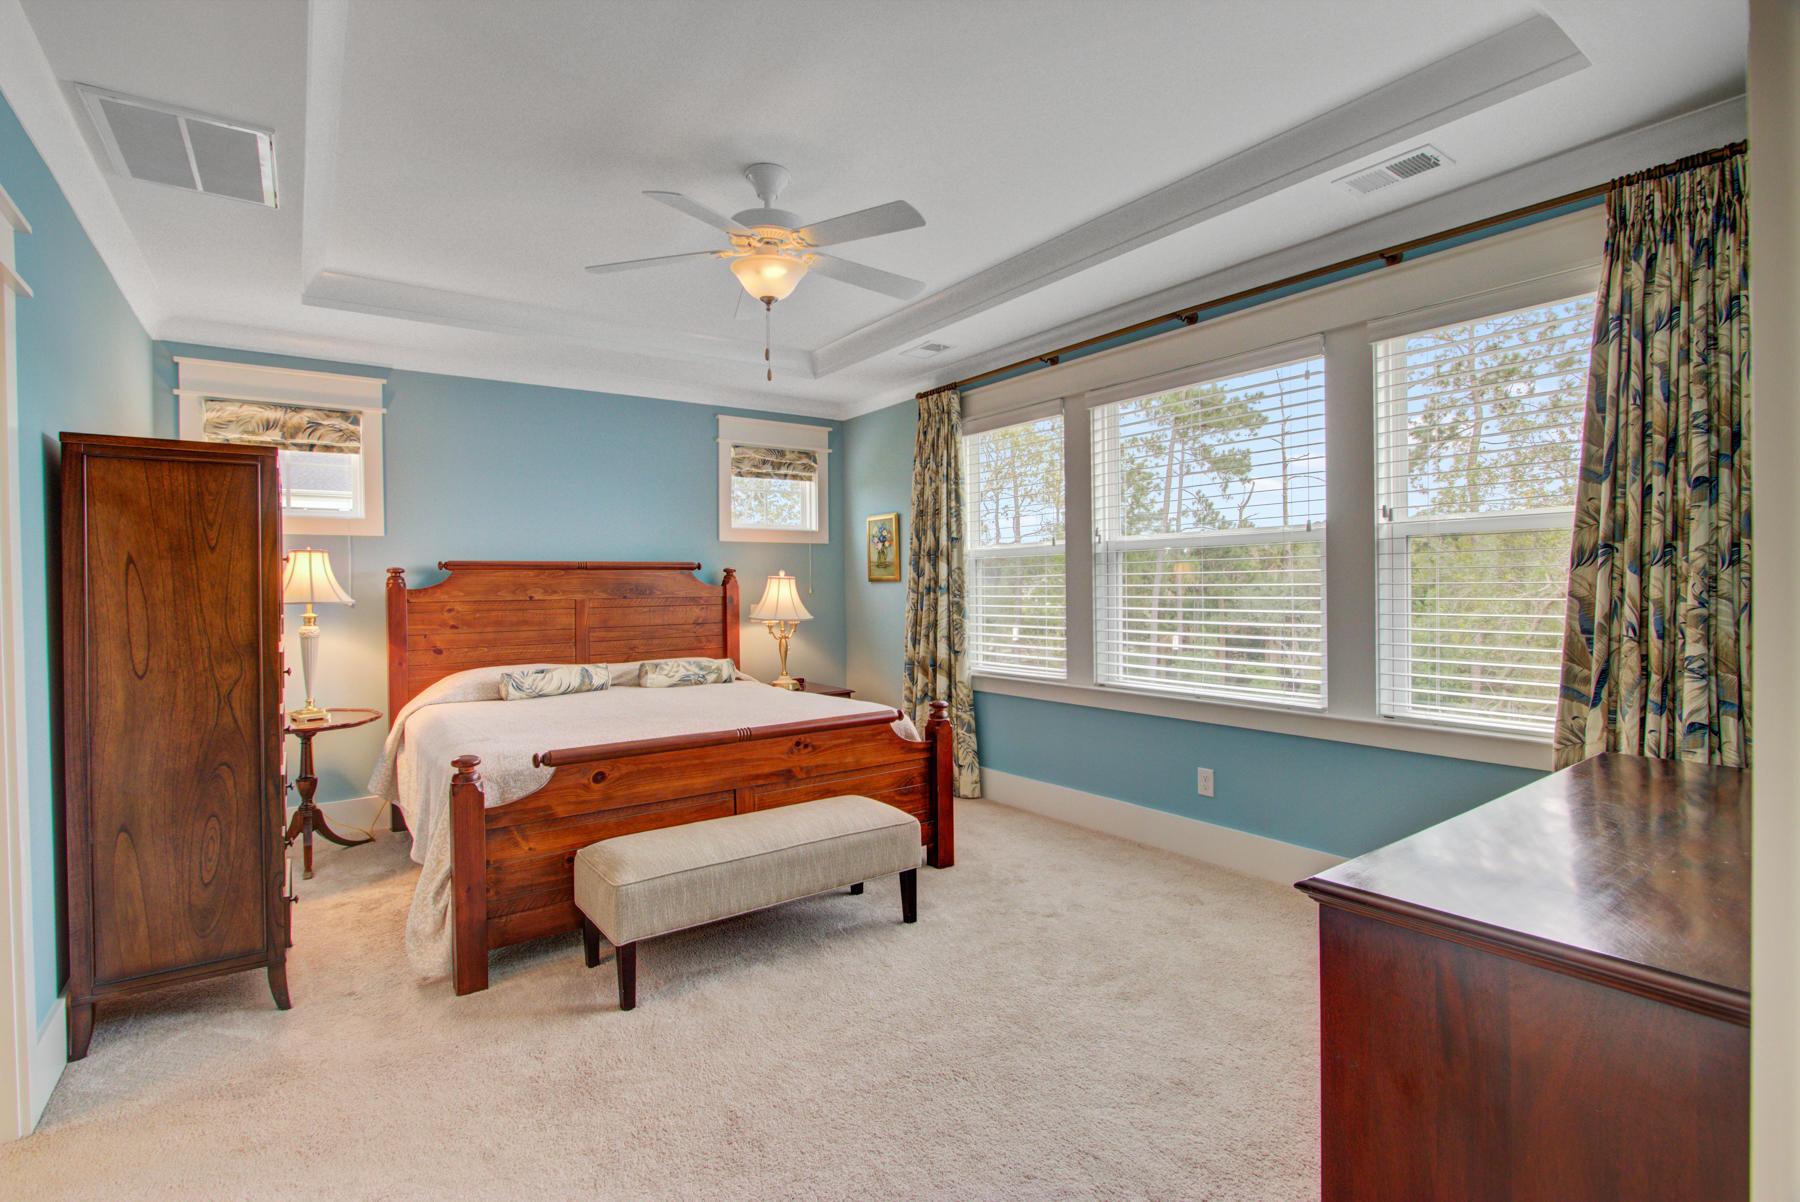 Dunes West Homes For Sale - 2984 Yachtsman, Mount Pleasant, SC - 59